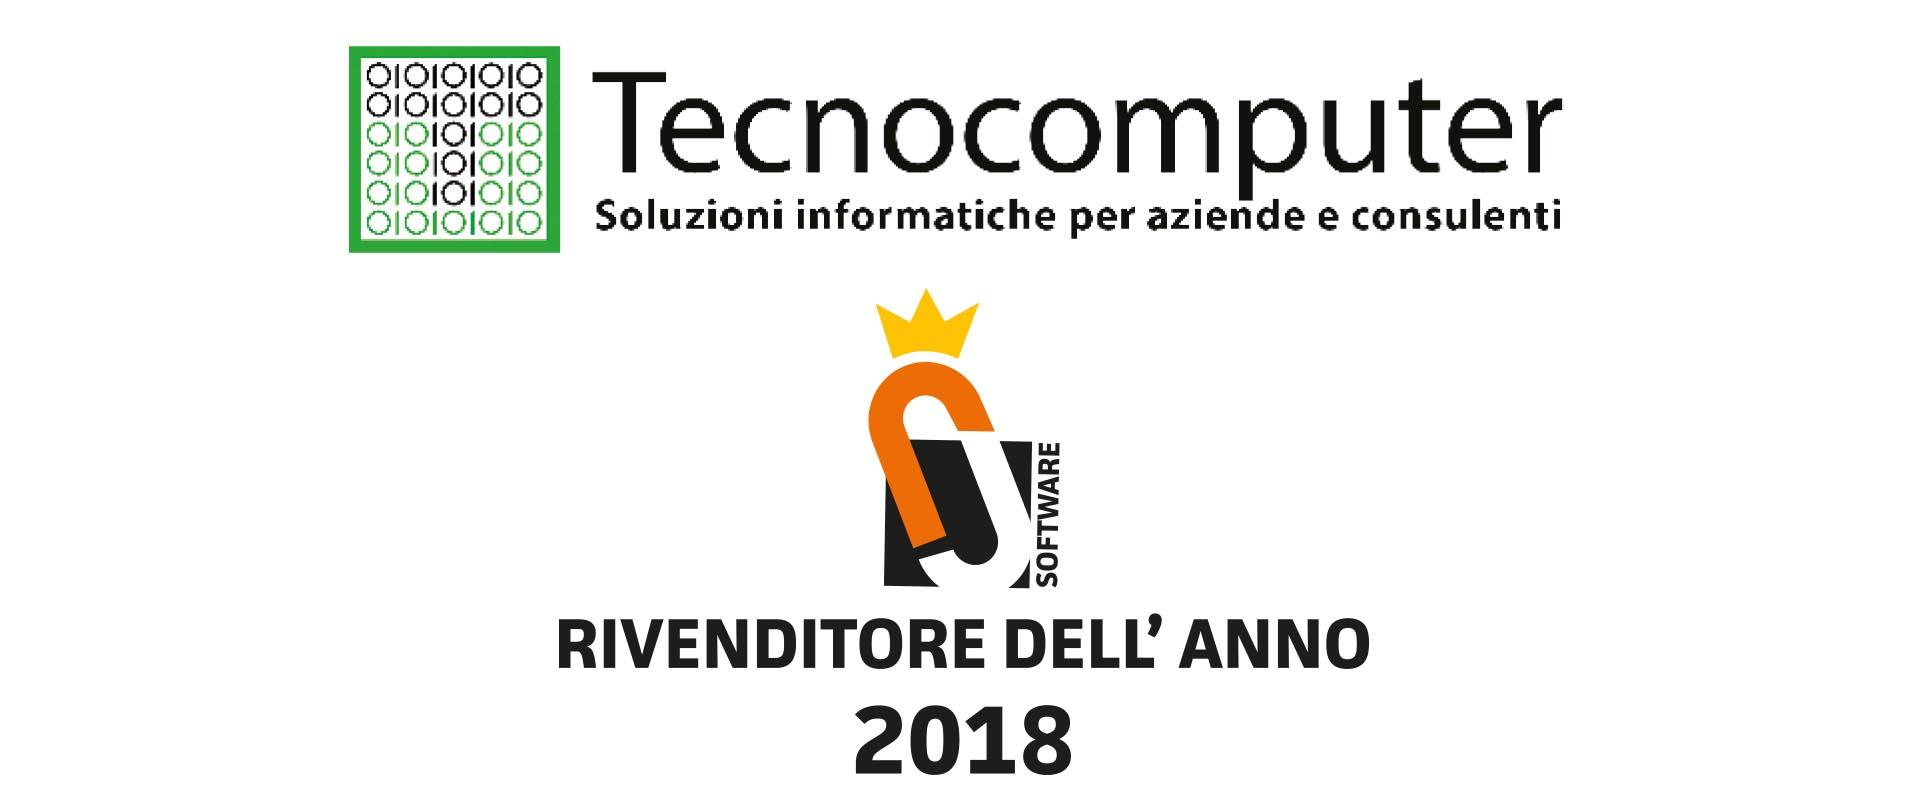 tecnocomputer_rivenditore J-software dell'anno